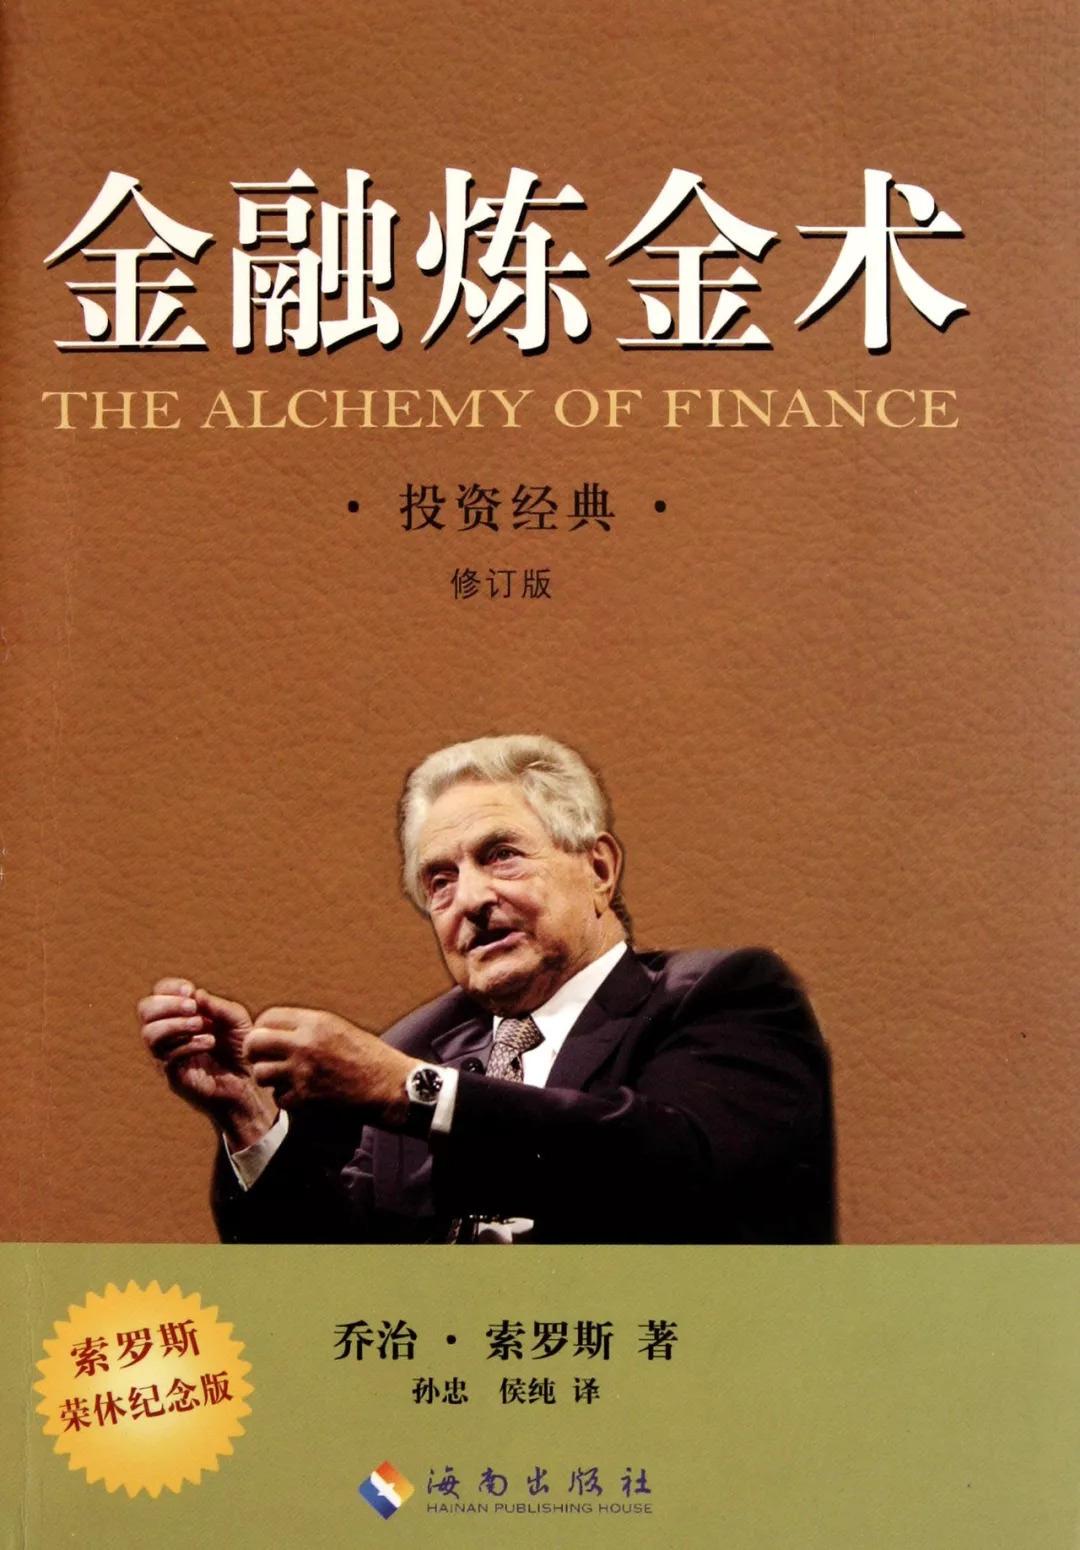 坤鹏论:经济学家集体汗颜 人家居然用哲学玩成了金融巨鳄-自媒体|坤鹏论